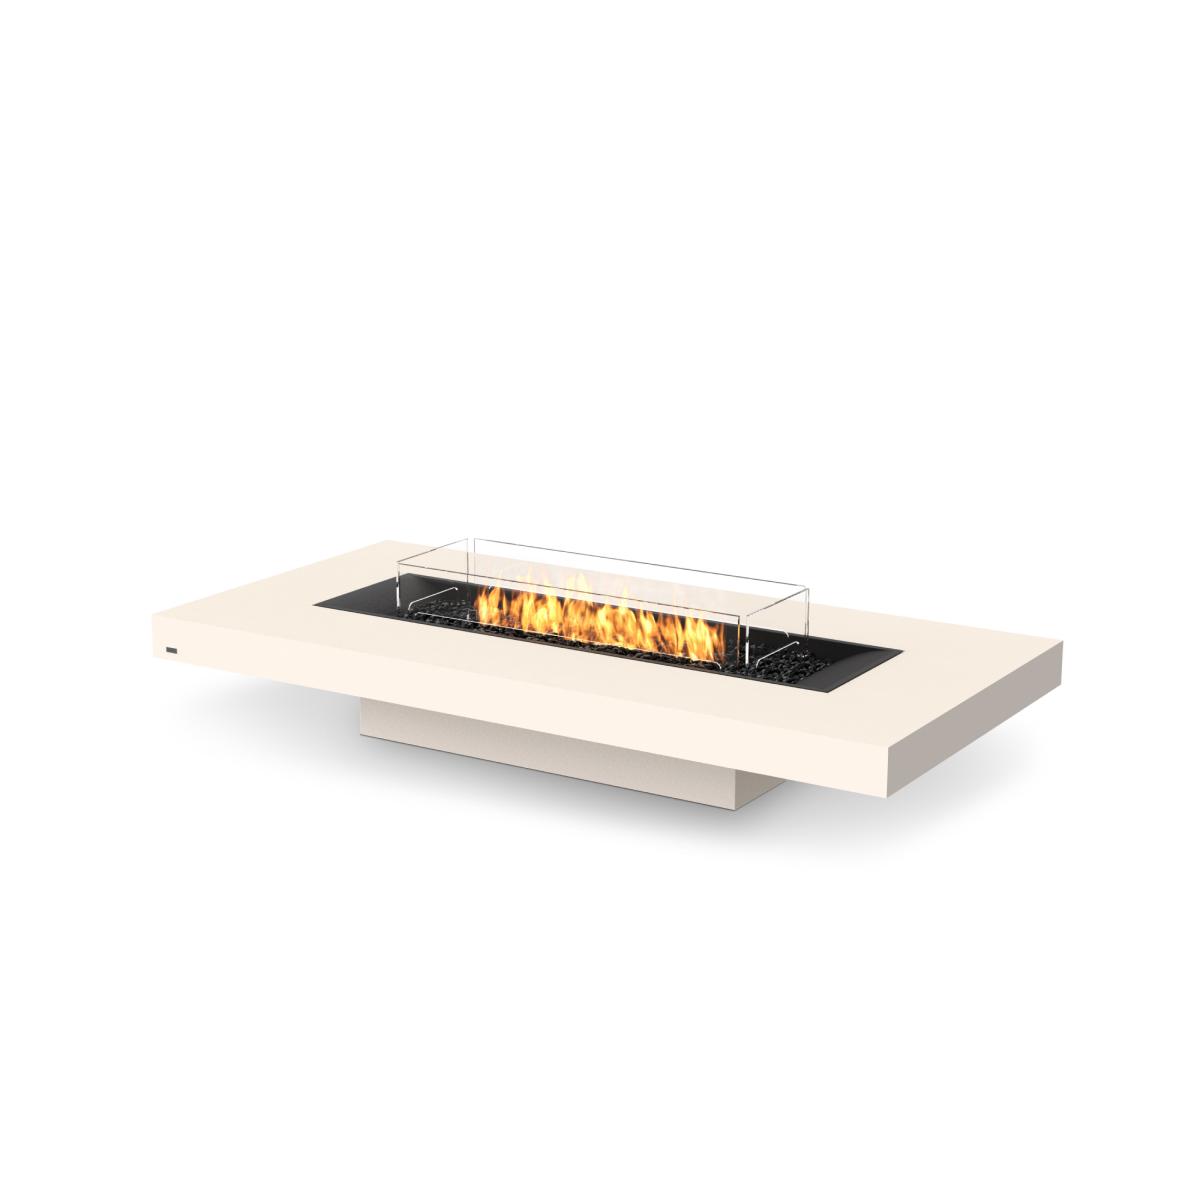 EcoSmart Fire Gin 90 Low Fire Table